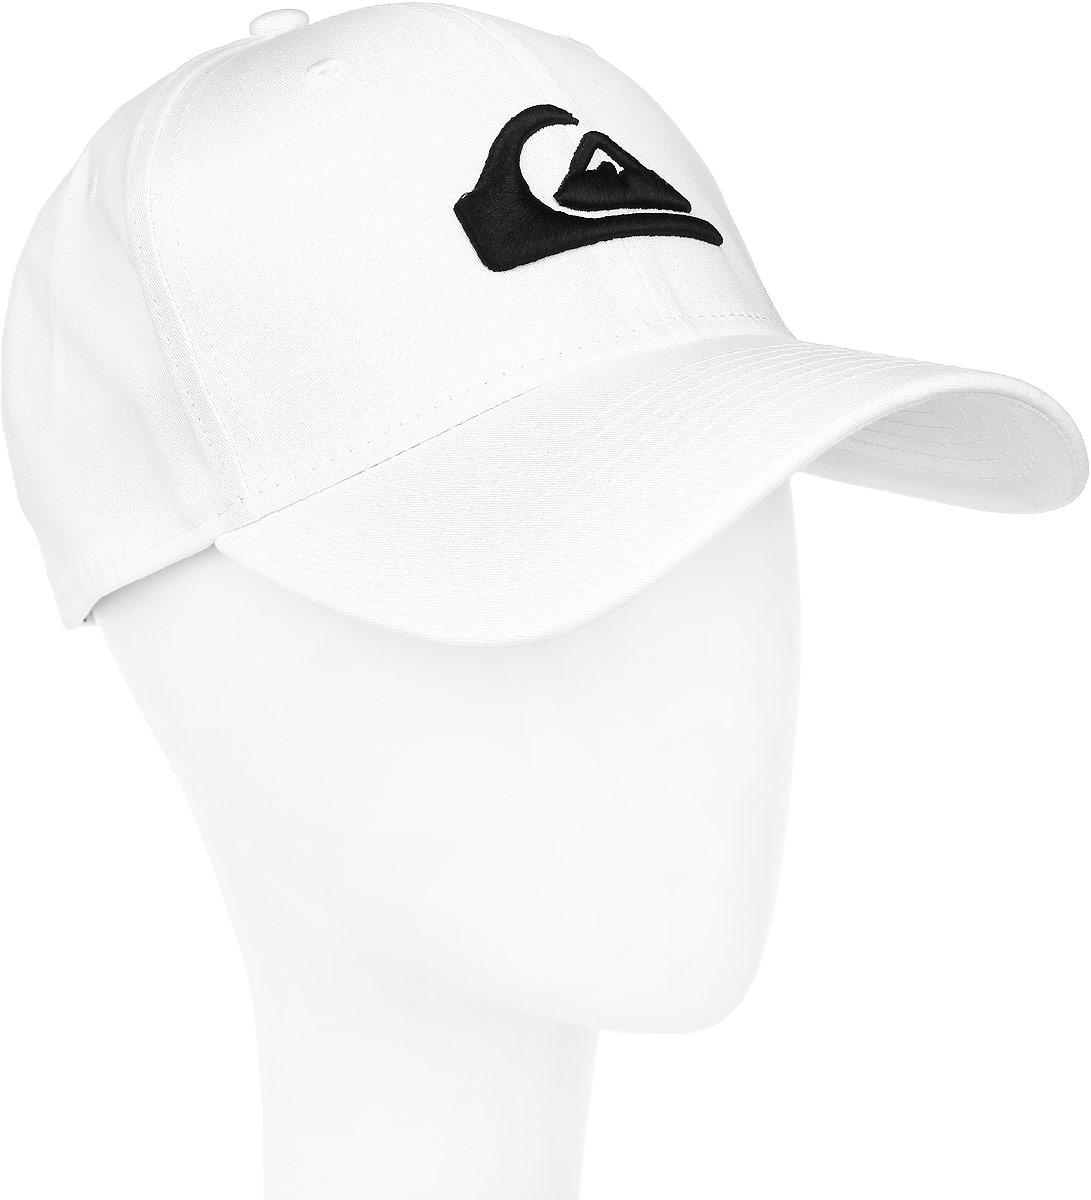 Бейсболка M & W Colors M HATS. AQYHA03199-WBB0AQYHA03199-WBB0Классическая бейсболка Quiksilver M & W Colors M HATS, изготовленная из хлопка, идеально подойдет для активного отдыха и обеспечит надежную защиту головы от солнца. Бейсболка имеет перфорацию, обеспечивающую дополнительную вентиляцию. Бейсболка декорирована объемной вышивкой в виде логотипа производителя. Закруглённый козырек бейсболки оформлен строчками в тон изделия. Такая бейсболка станет отличным аксессуаром для занятий спортом или дополнит ваш повседневный образ.